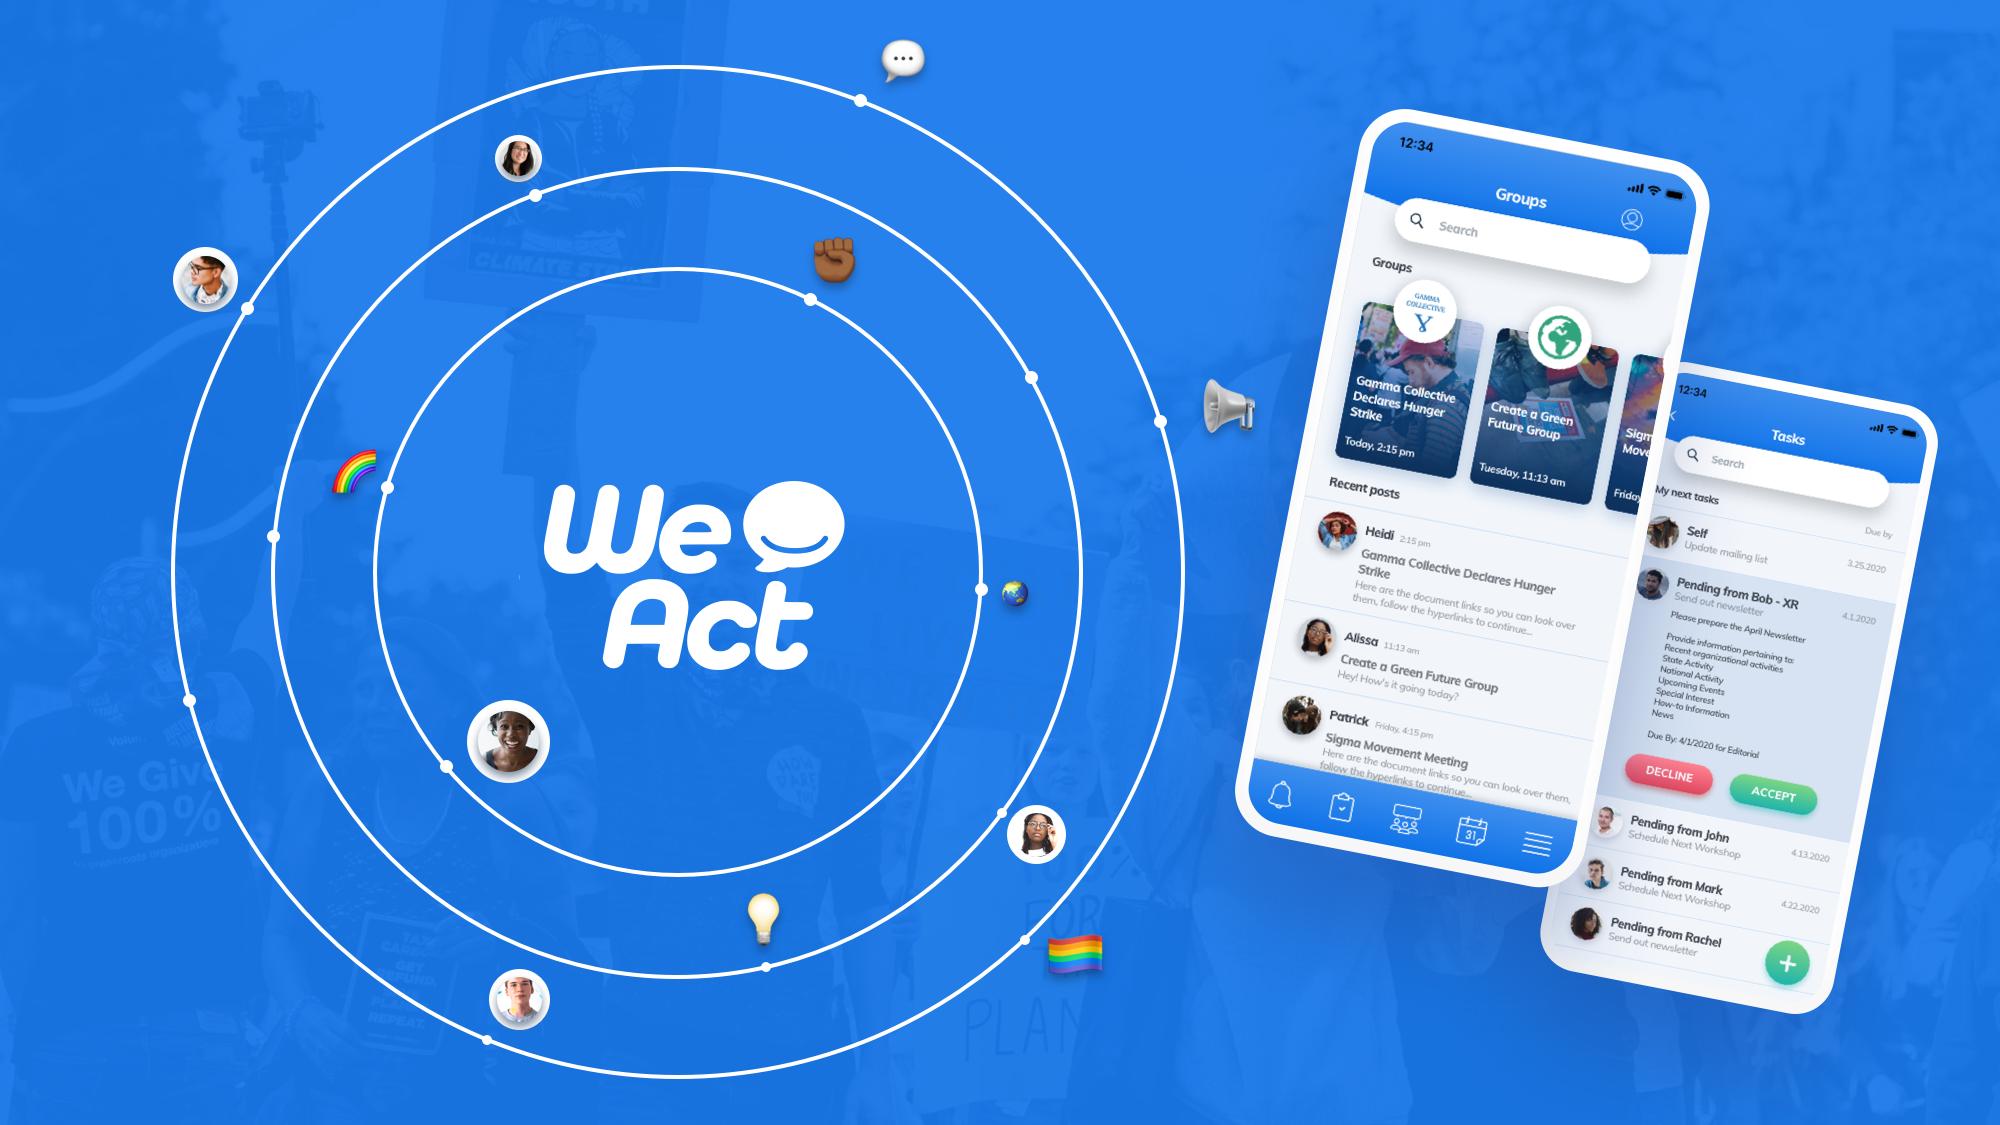 Download the WeAct App Beta